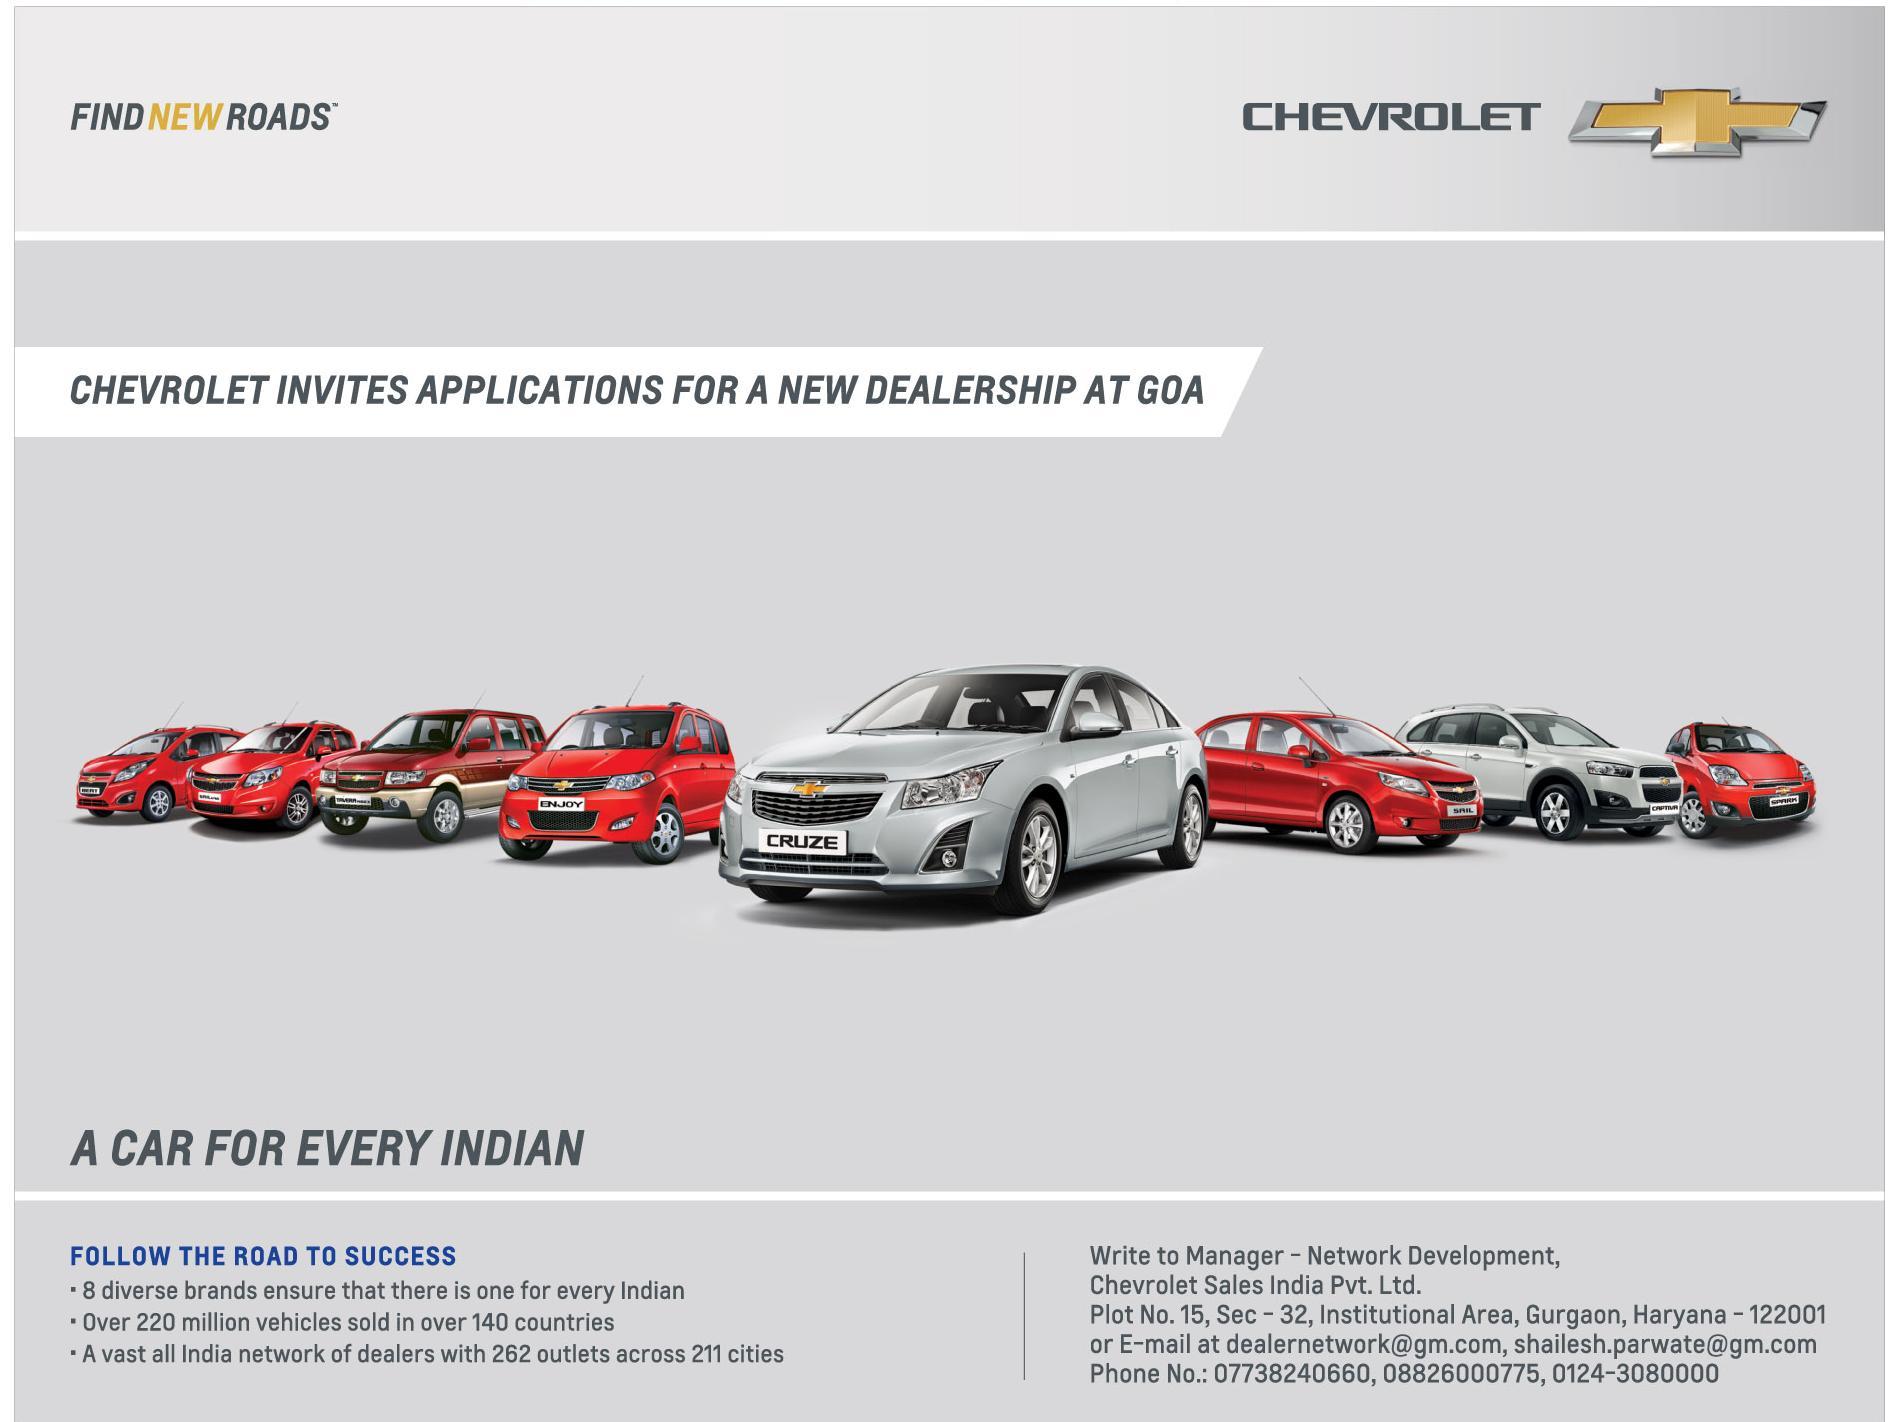 Chevrolet Dealer applications Goa